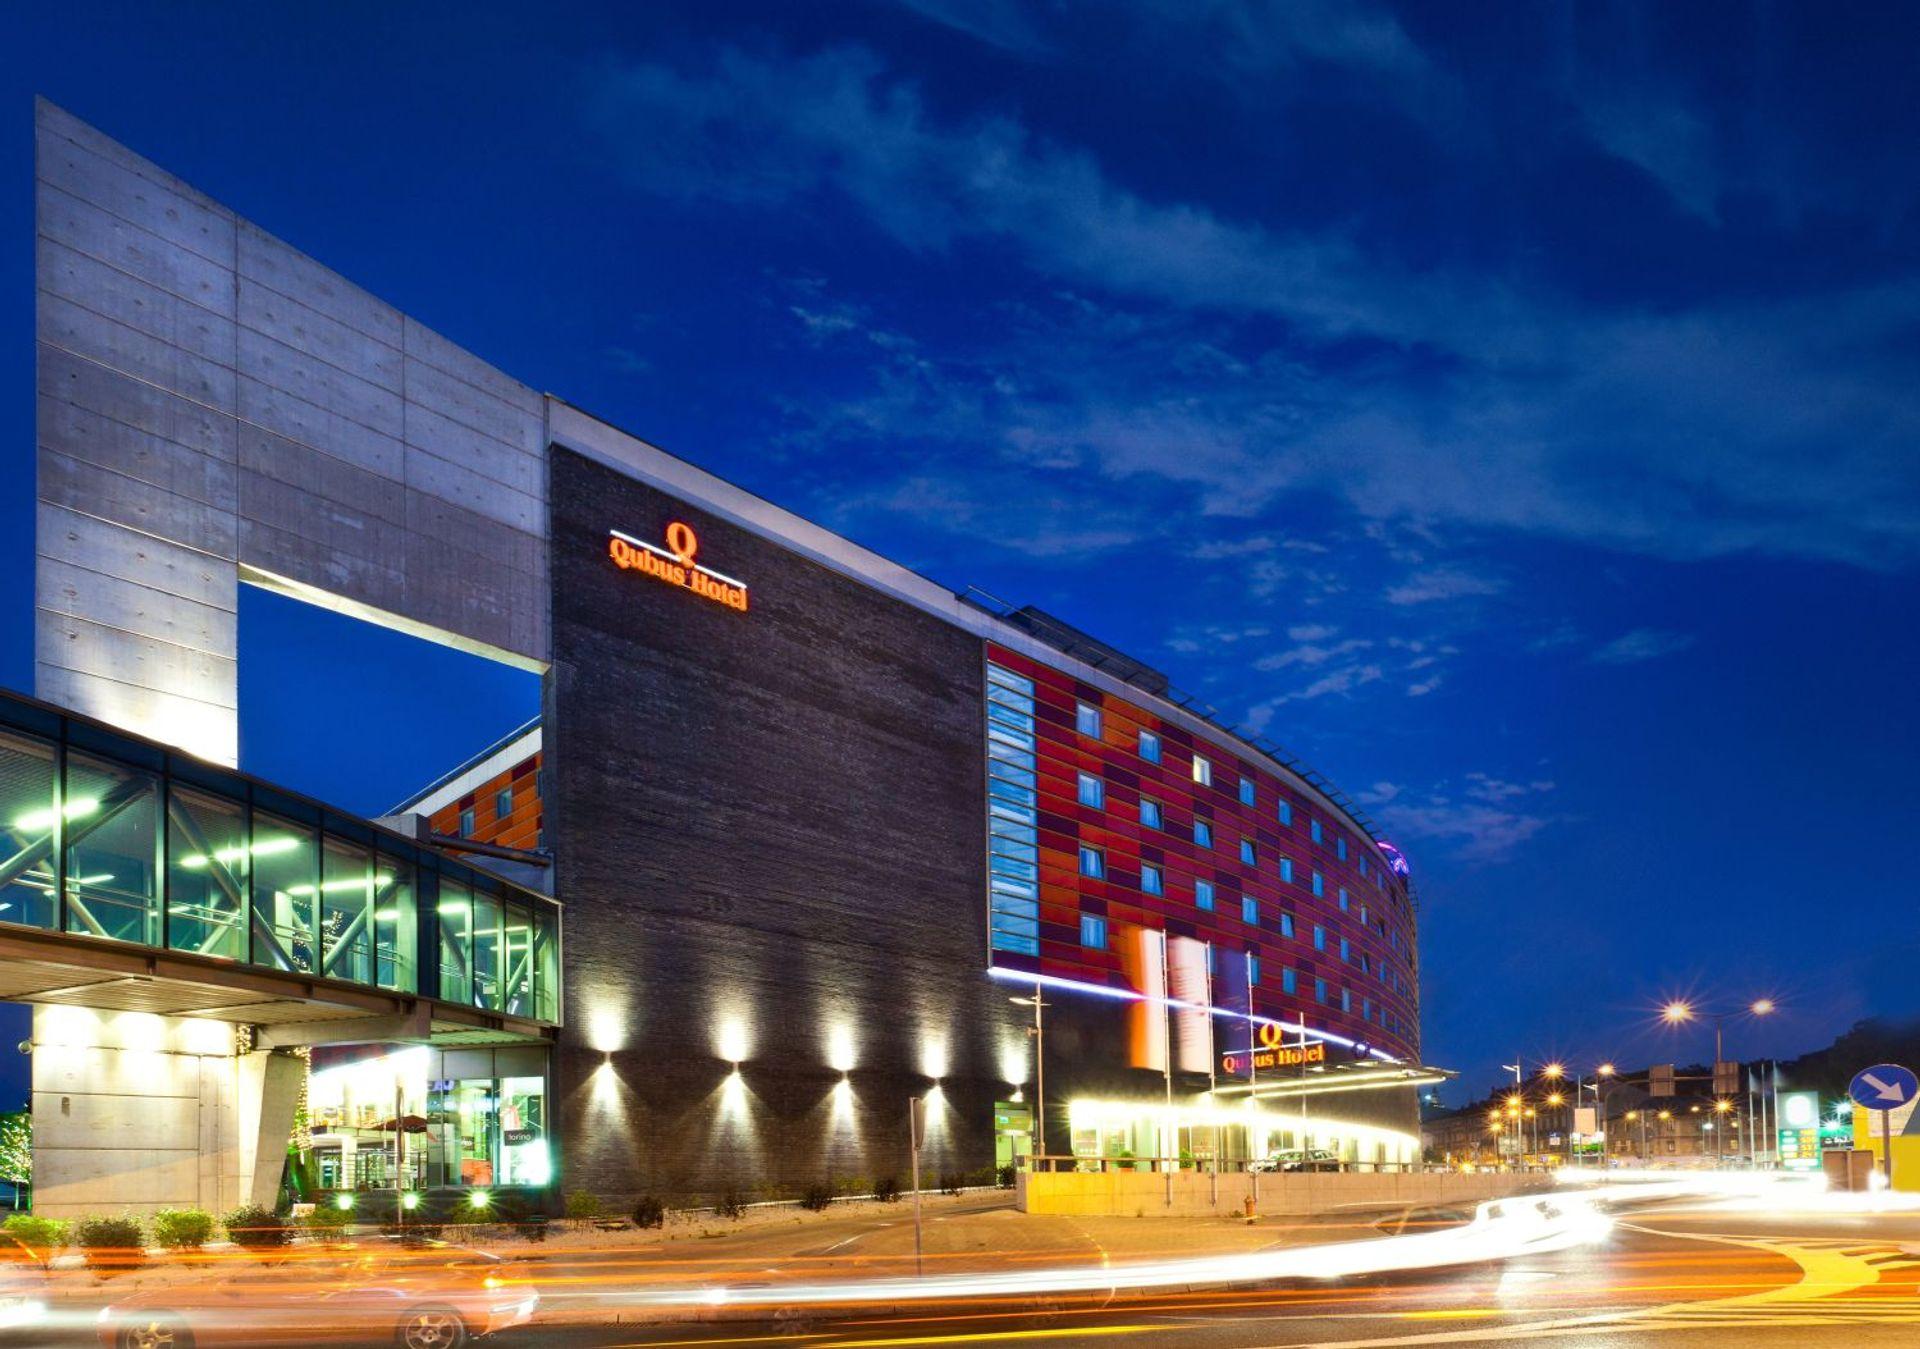 [śląskie] Qubus Hotel Bielsko-Biała obchodzi 5-lecie działalności